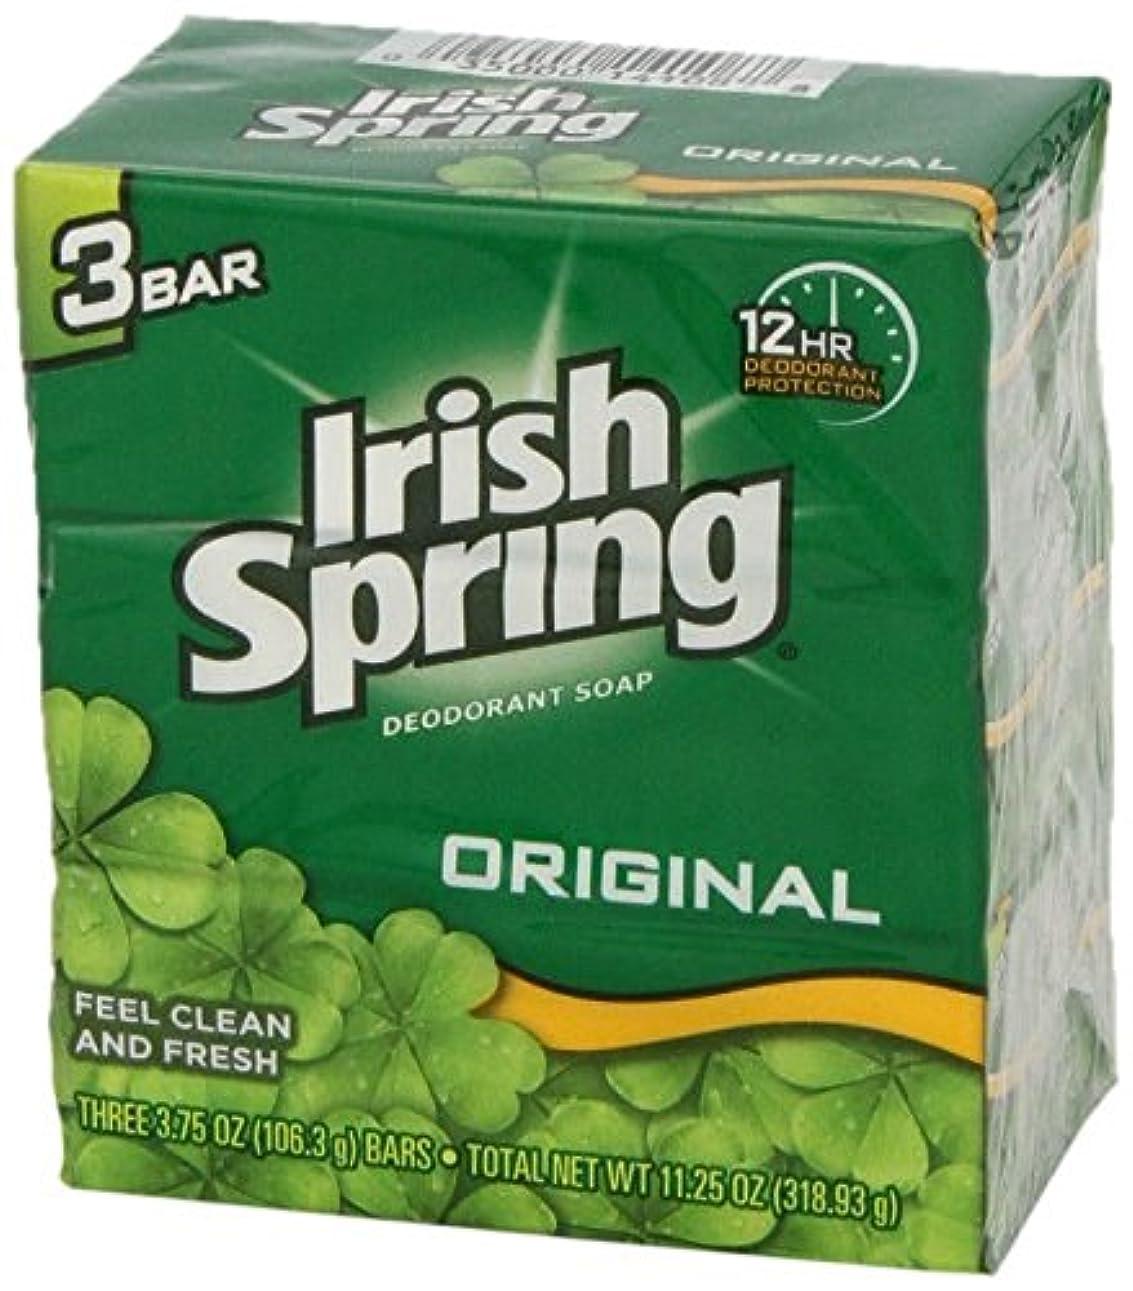 素晴らしい良い多くの冷える仕方Irish Springs アイルランドの春オリジナルデオドラント石鹸3のCt(24パック)